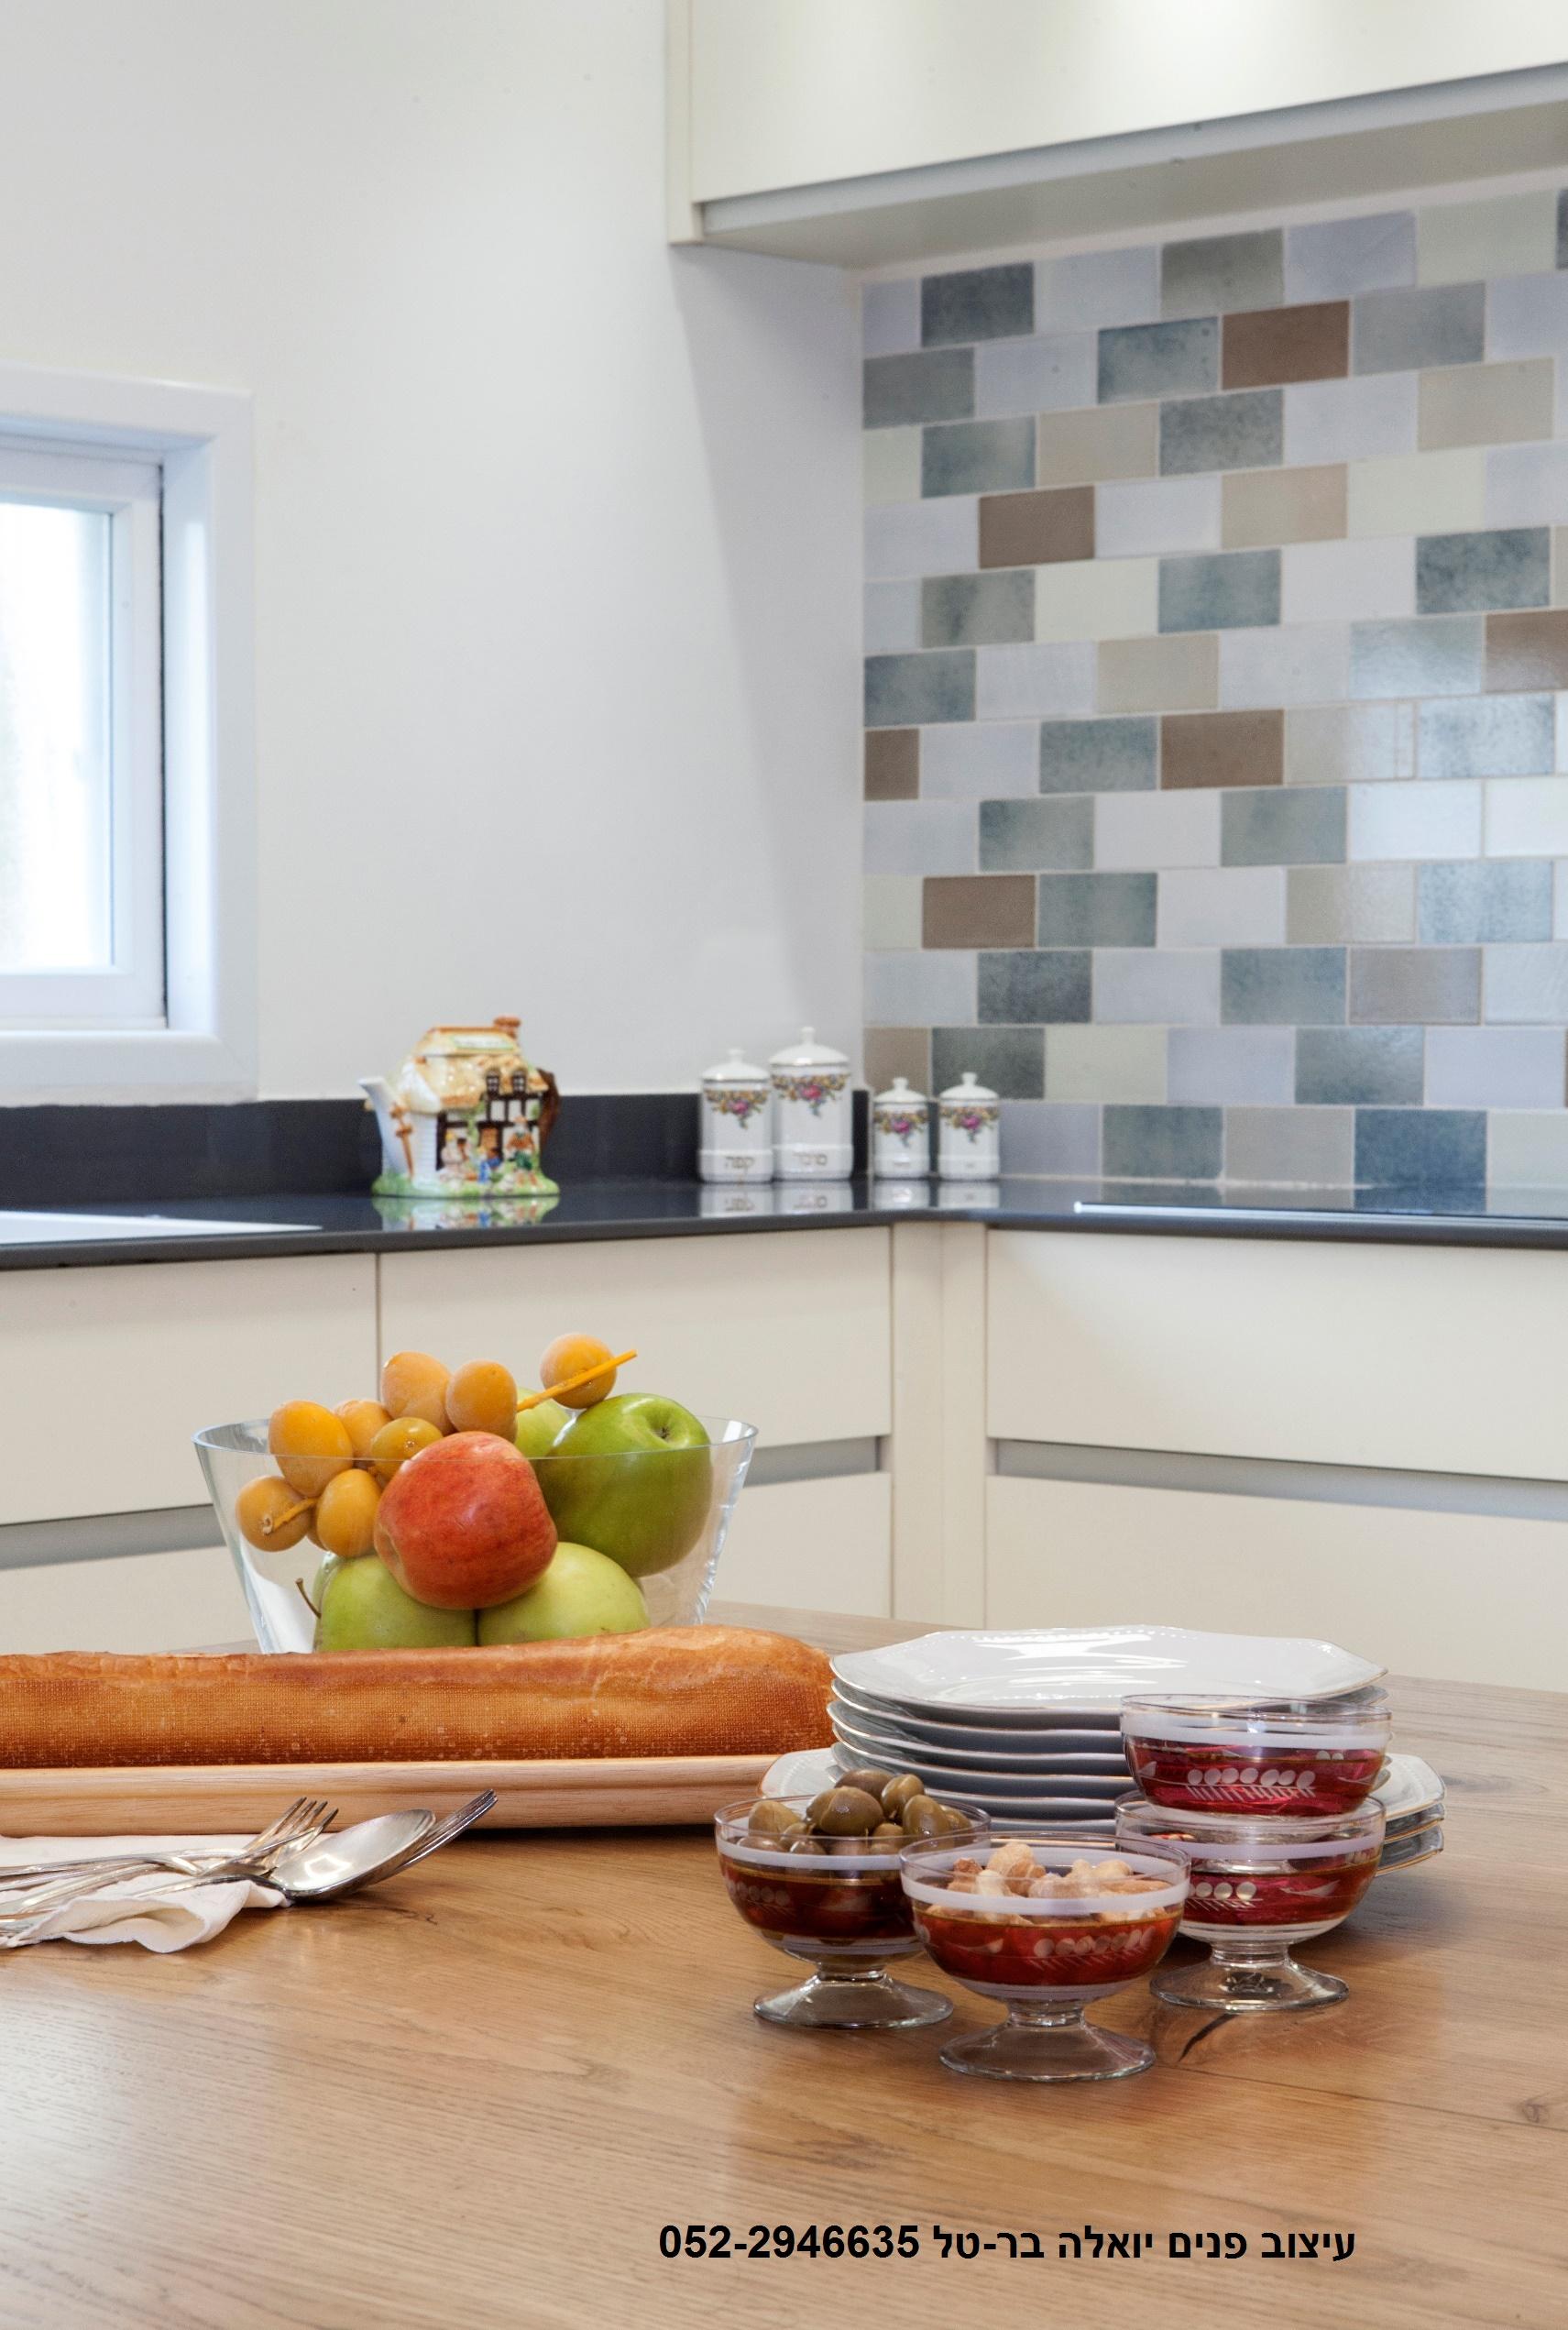 עיצוב מטבח מודרני לדירה ברחובות